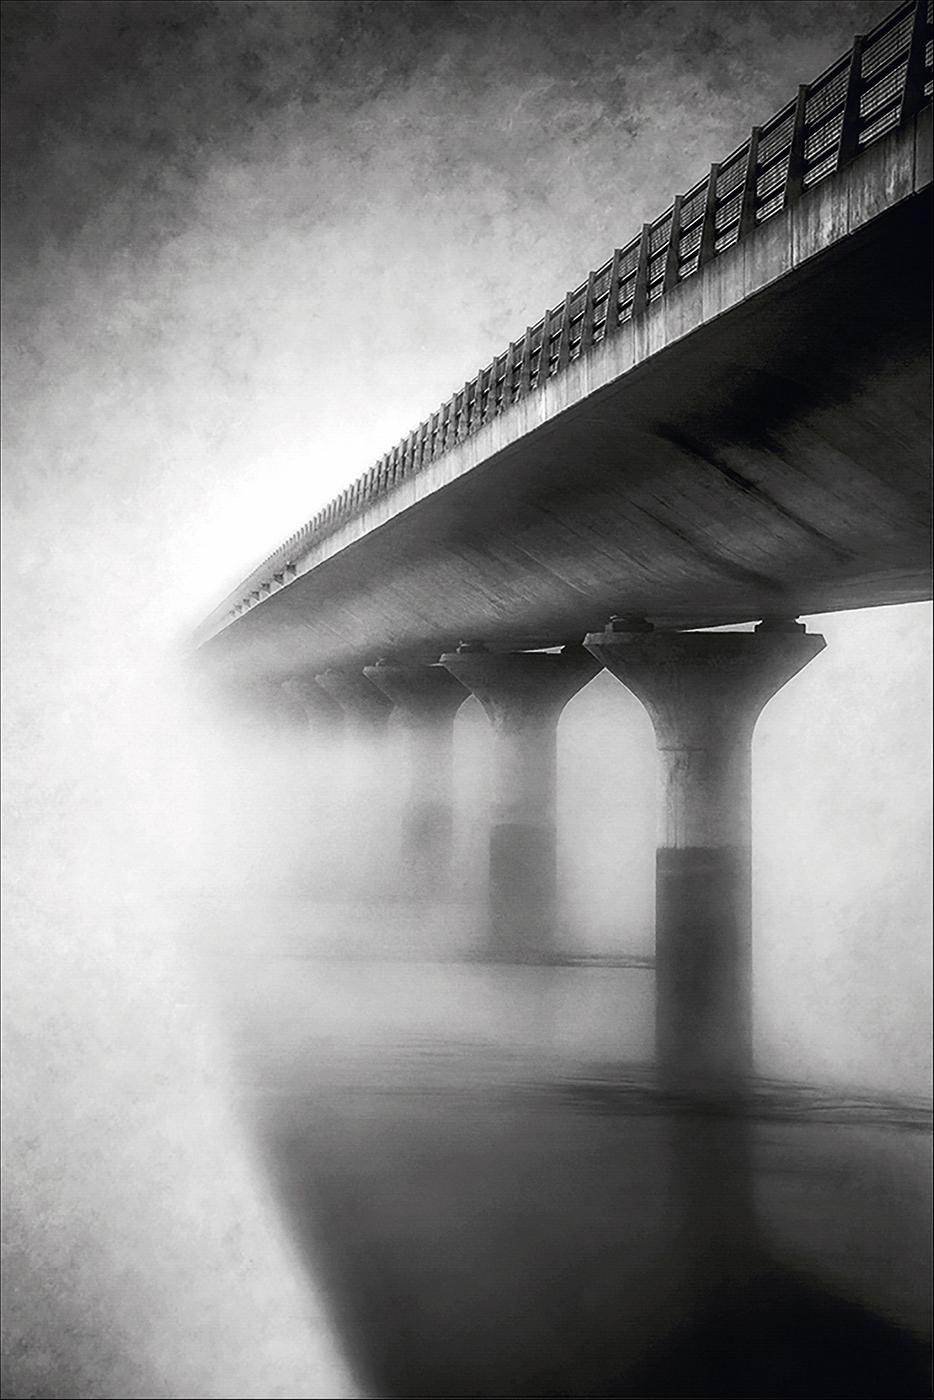 -Disappearing Bridge_member 149